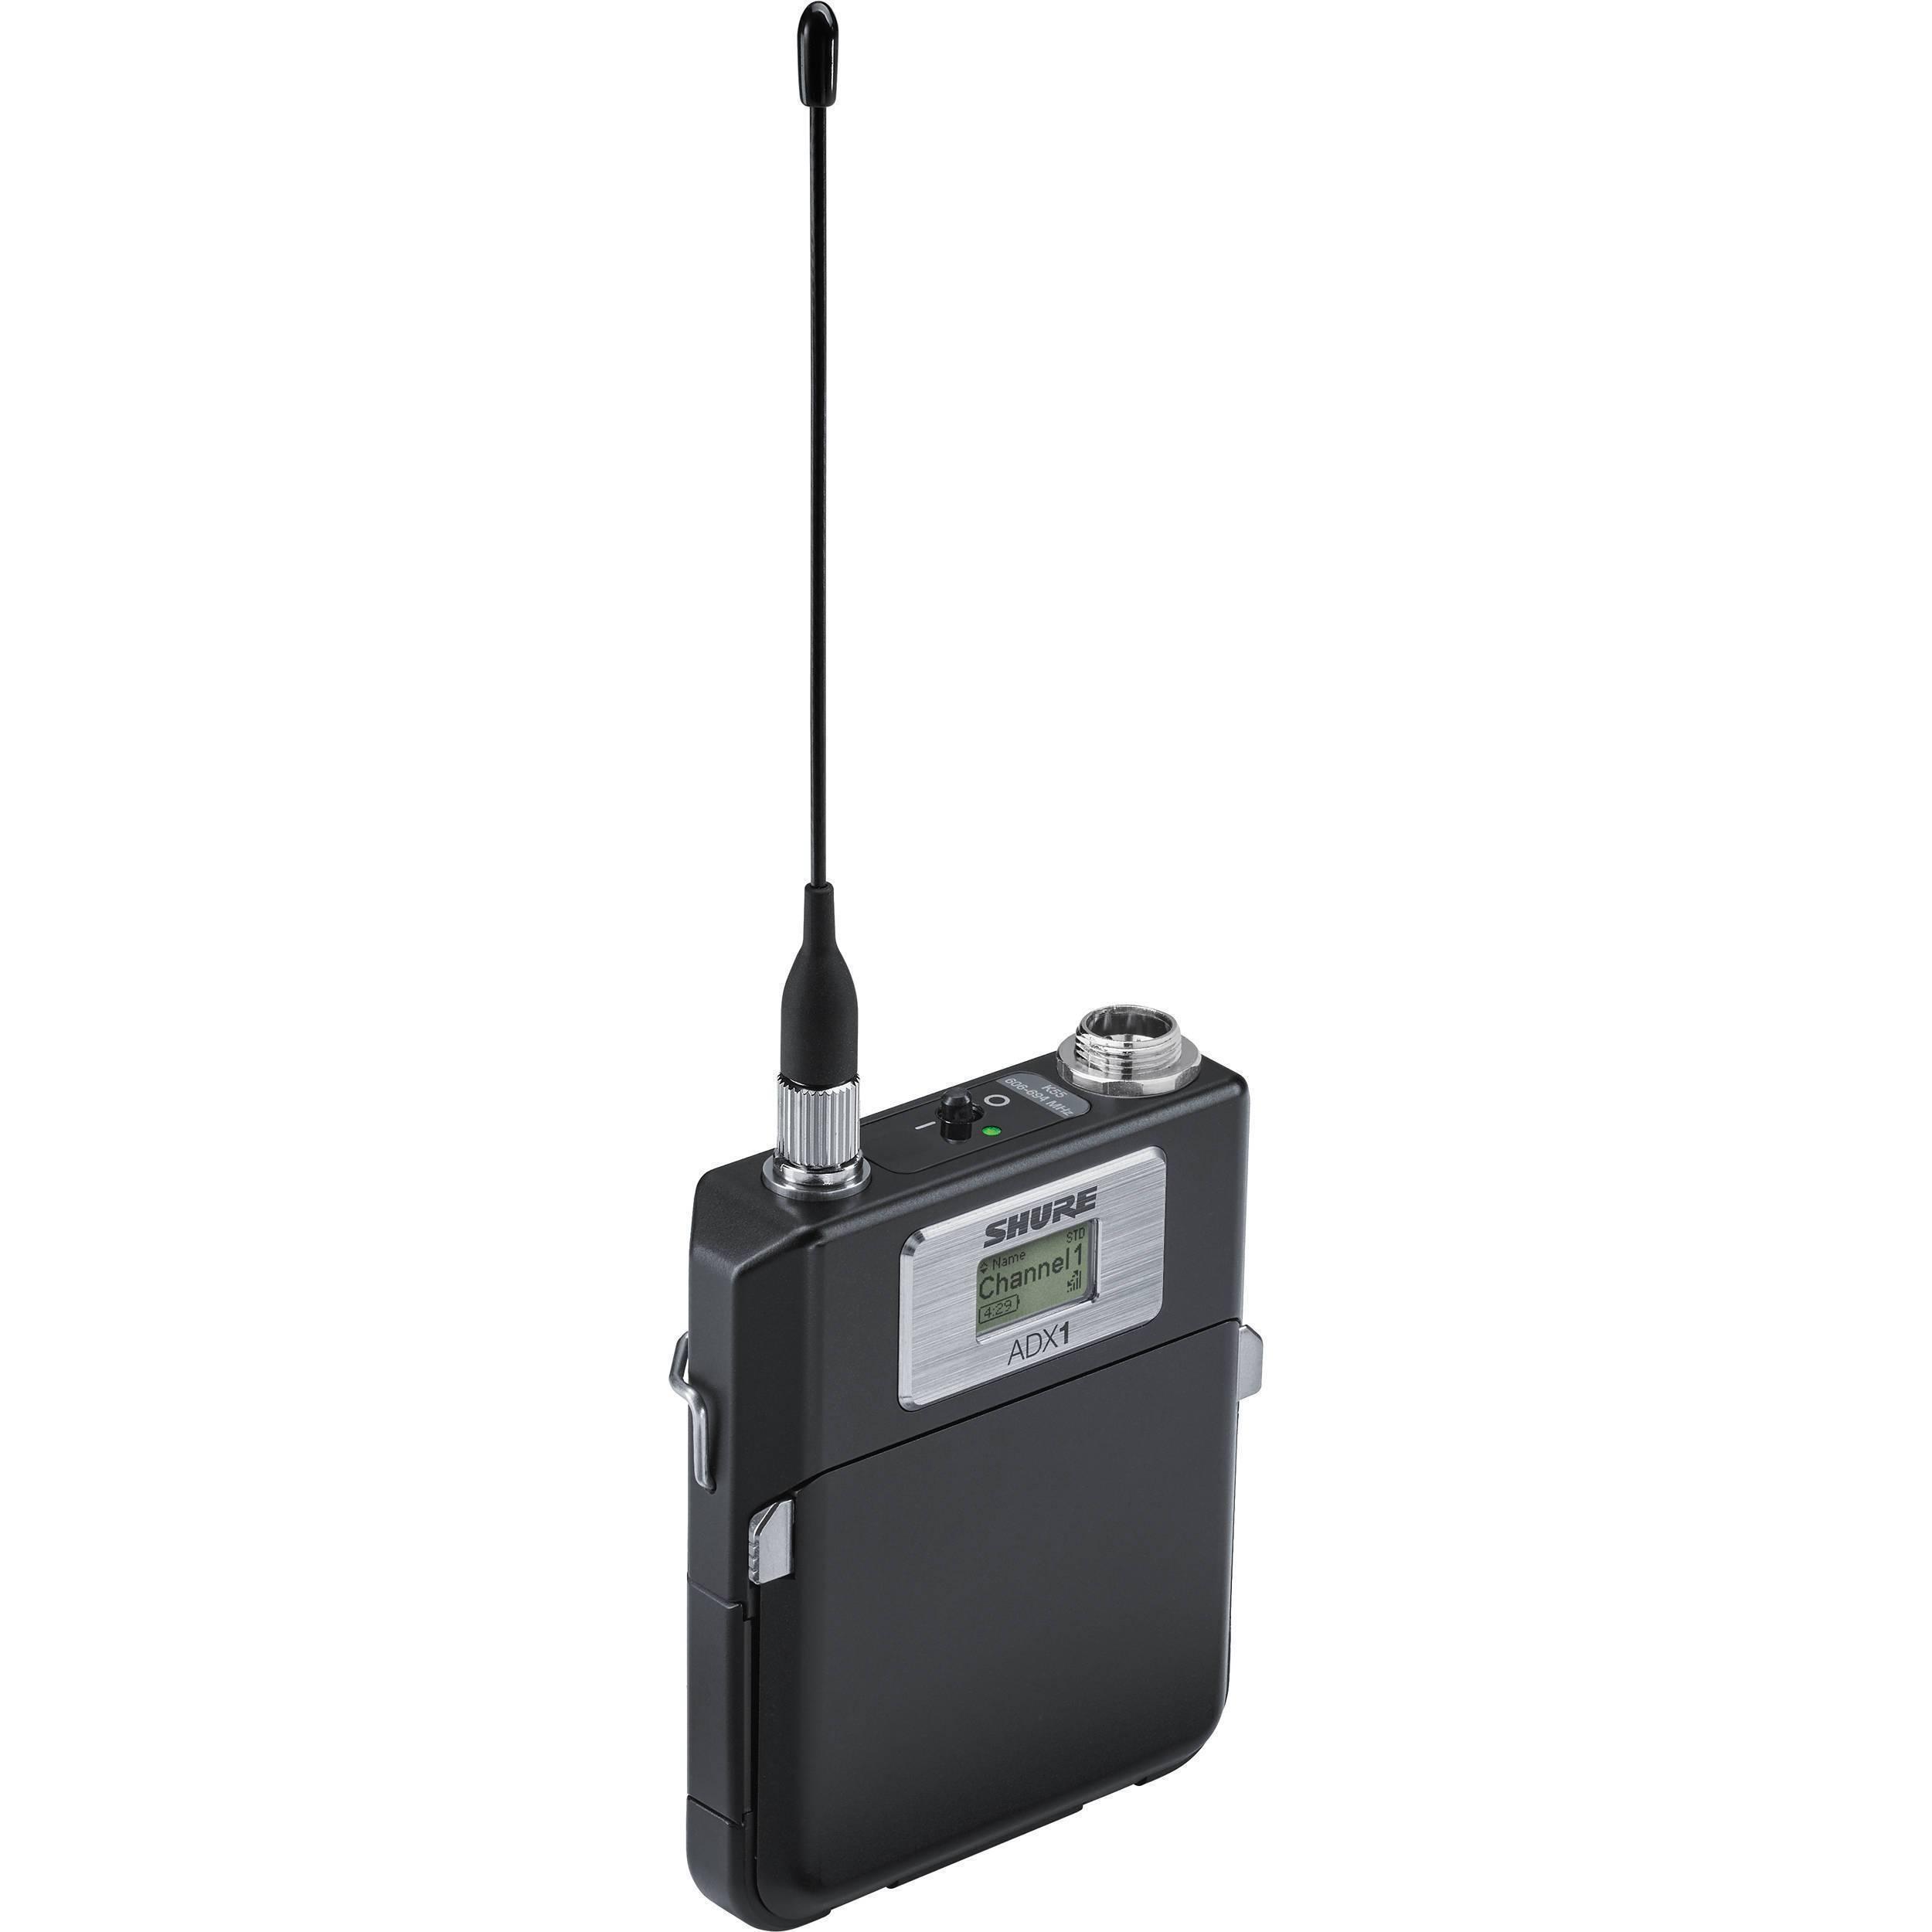 Transmisor de cuerpo (Body Pack) Axient Digital, recarga avanzada y control remoto ShowLink  conector LEMO3